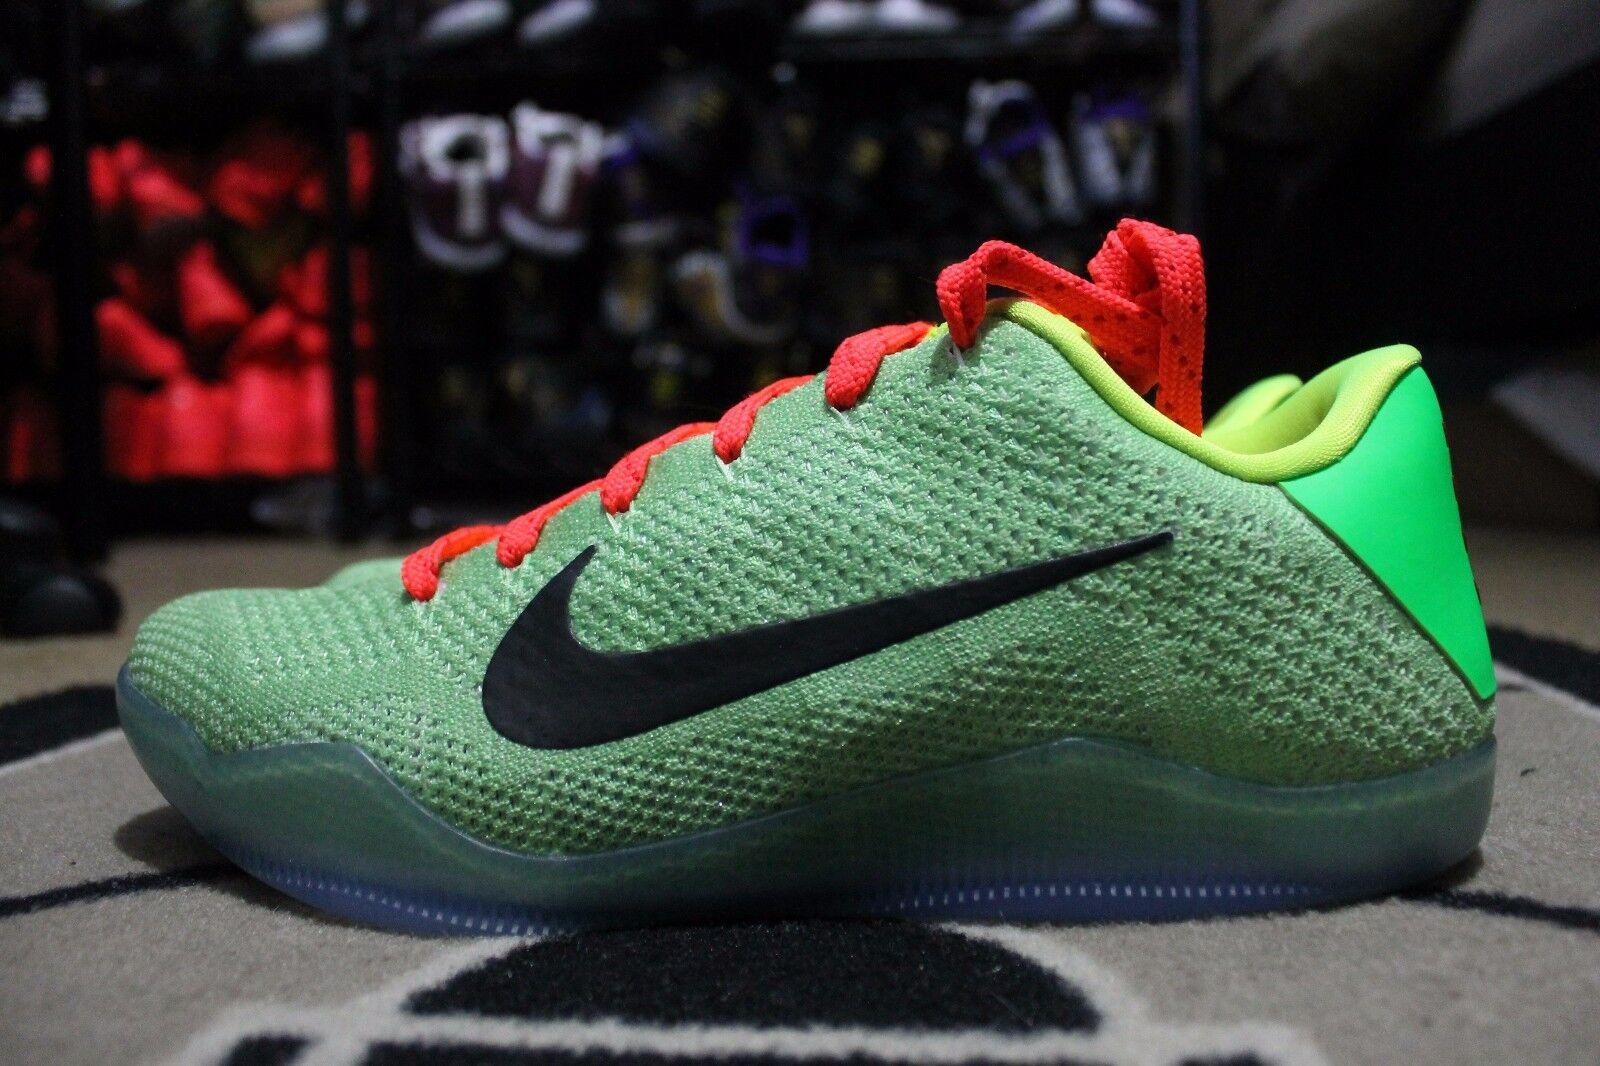 NEW Nike Kobe XI Elite Low Flyknit iD Grinch Neon Green Sz 11